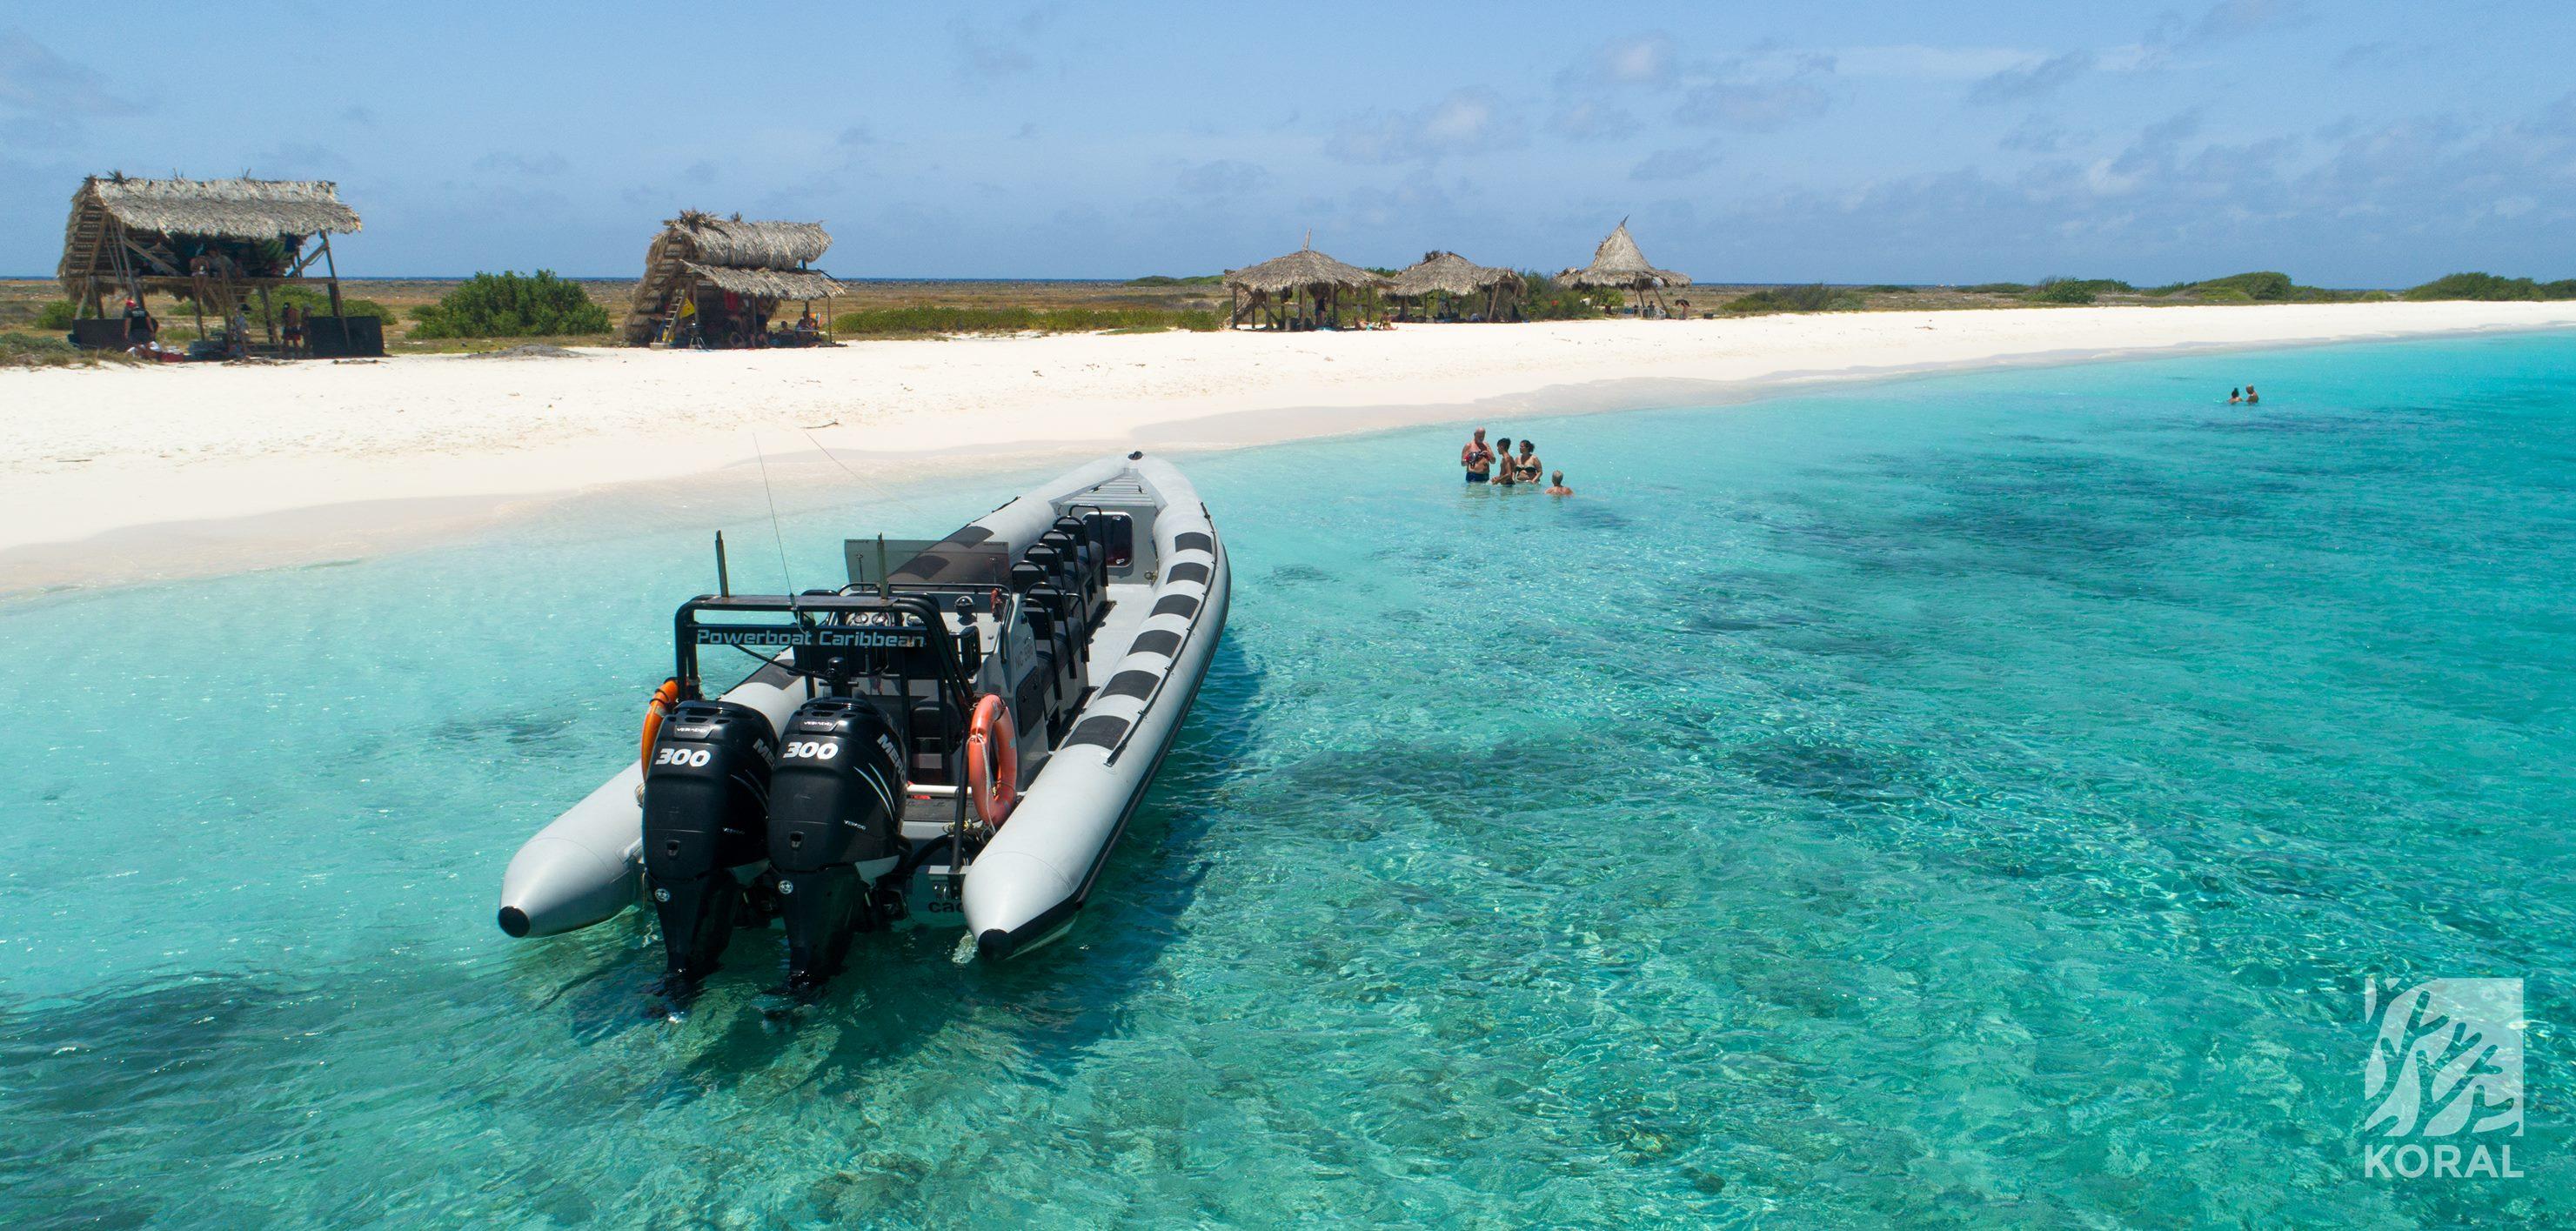 Klein Curaçao met de Powerboat: adrenaline ervaring gecombineerd met een stukje paradijs